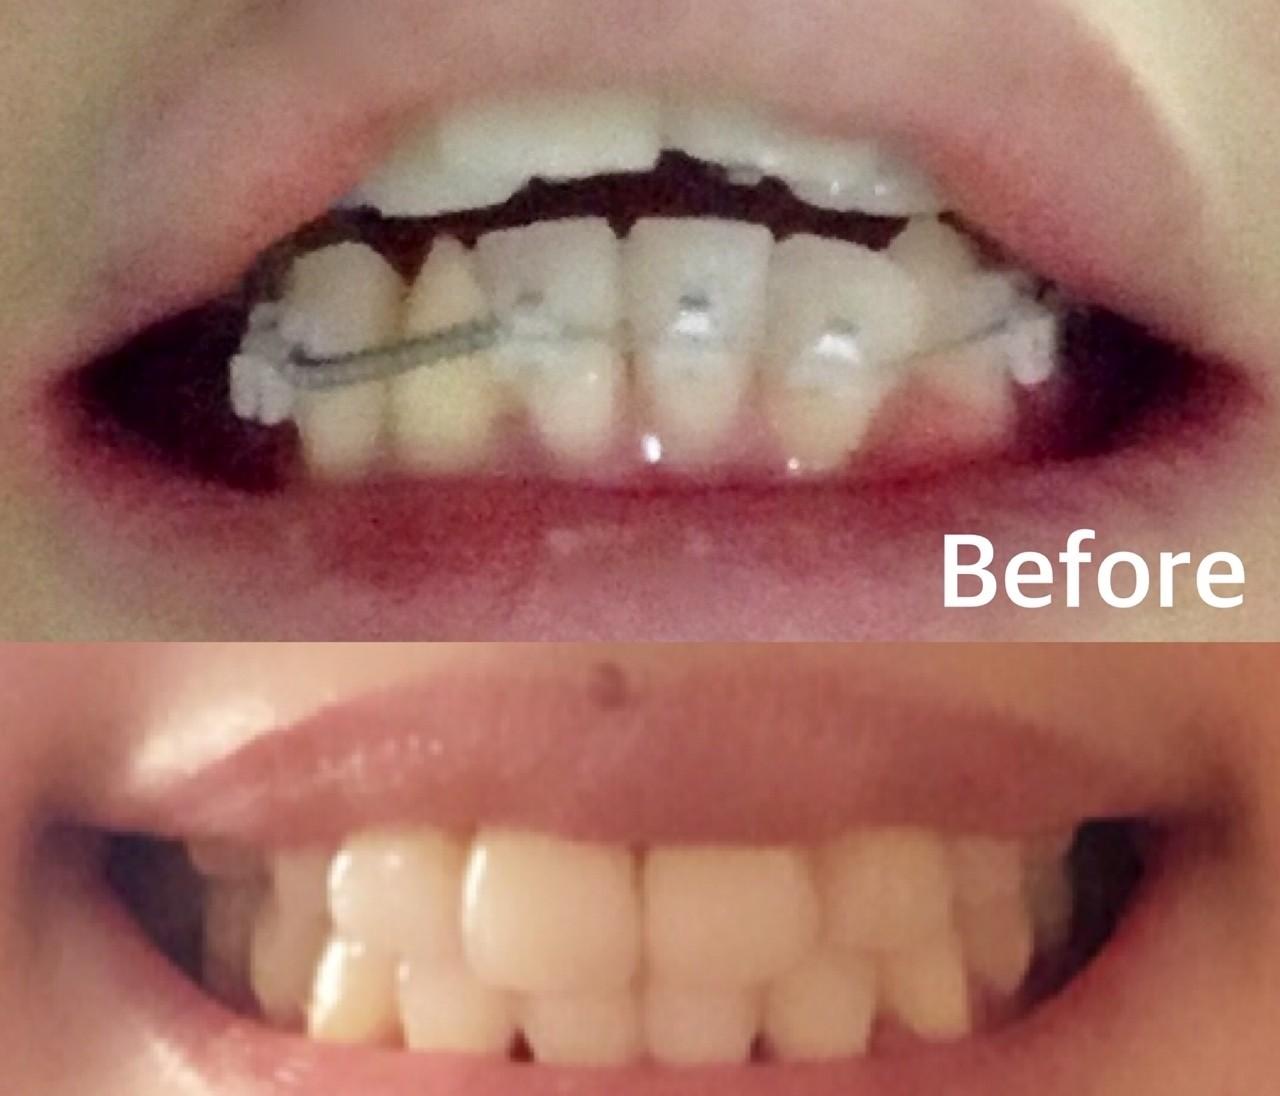 【大人の歯列矯正】アラサーの大事な4年を捧げた歯並び改善、全部見せます!①